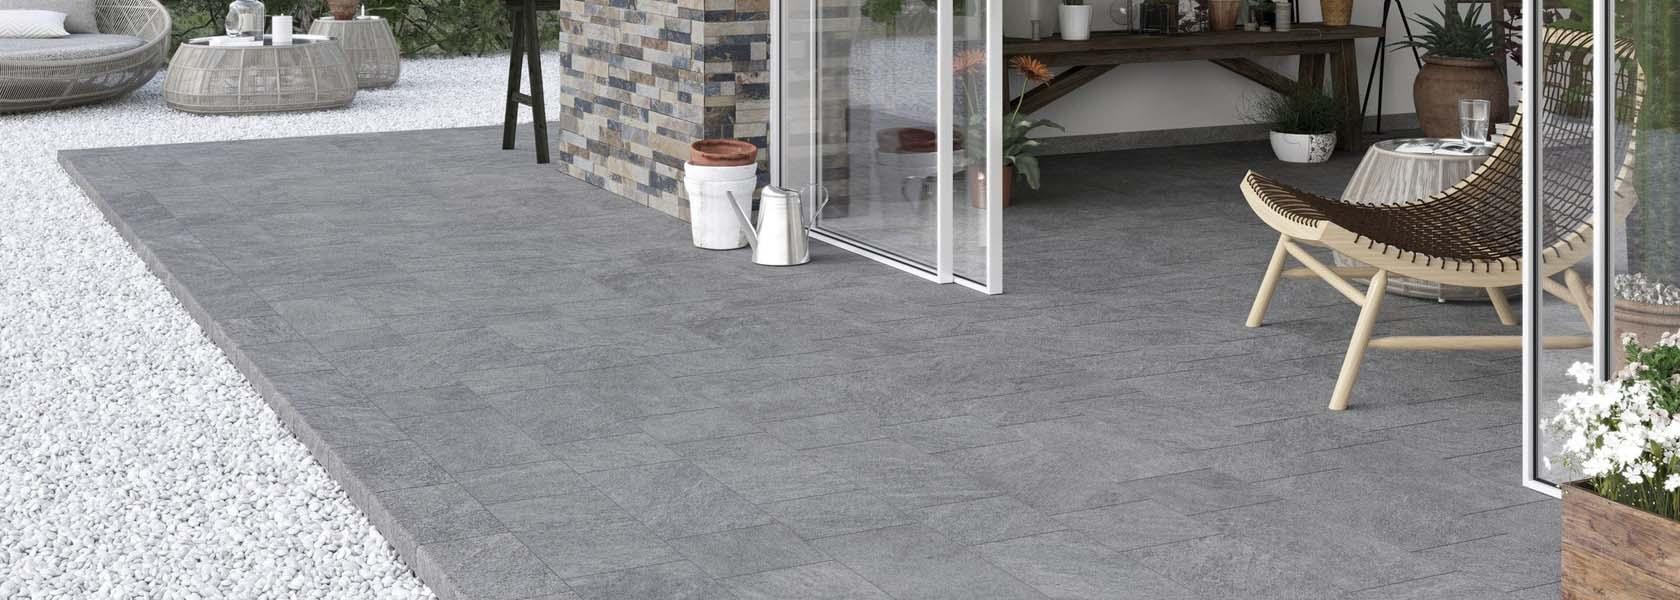 Pavimenti Per Terrazzi Esterni pavimento per esterno lugano - rivestimenti pavimenti milano